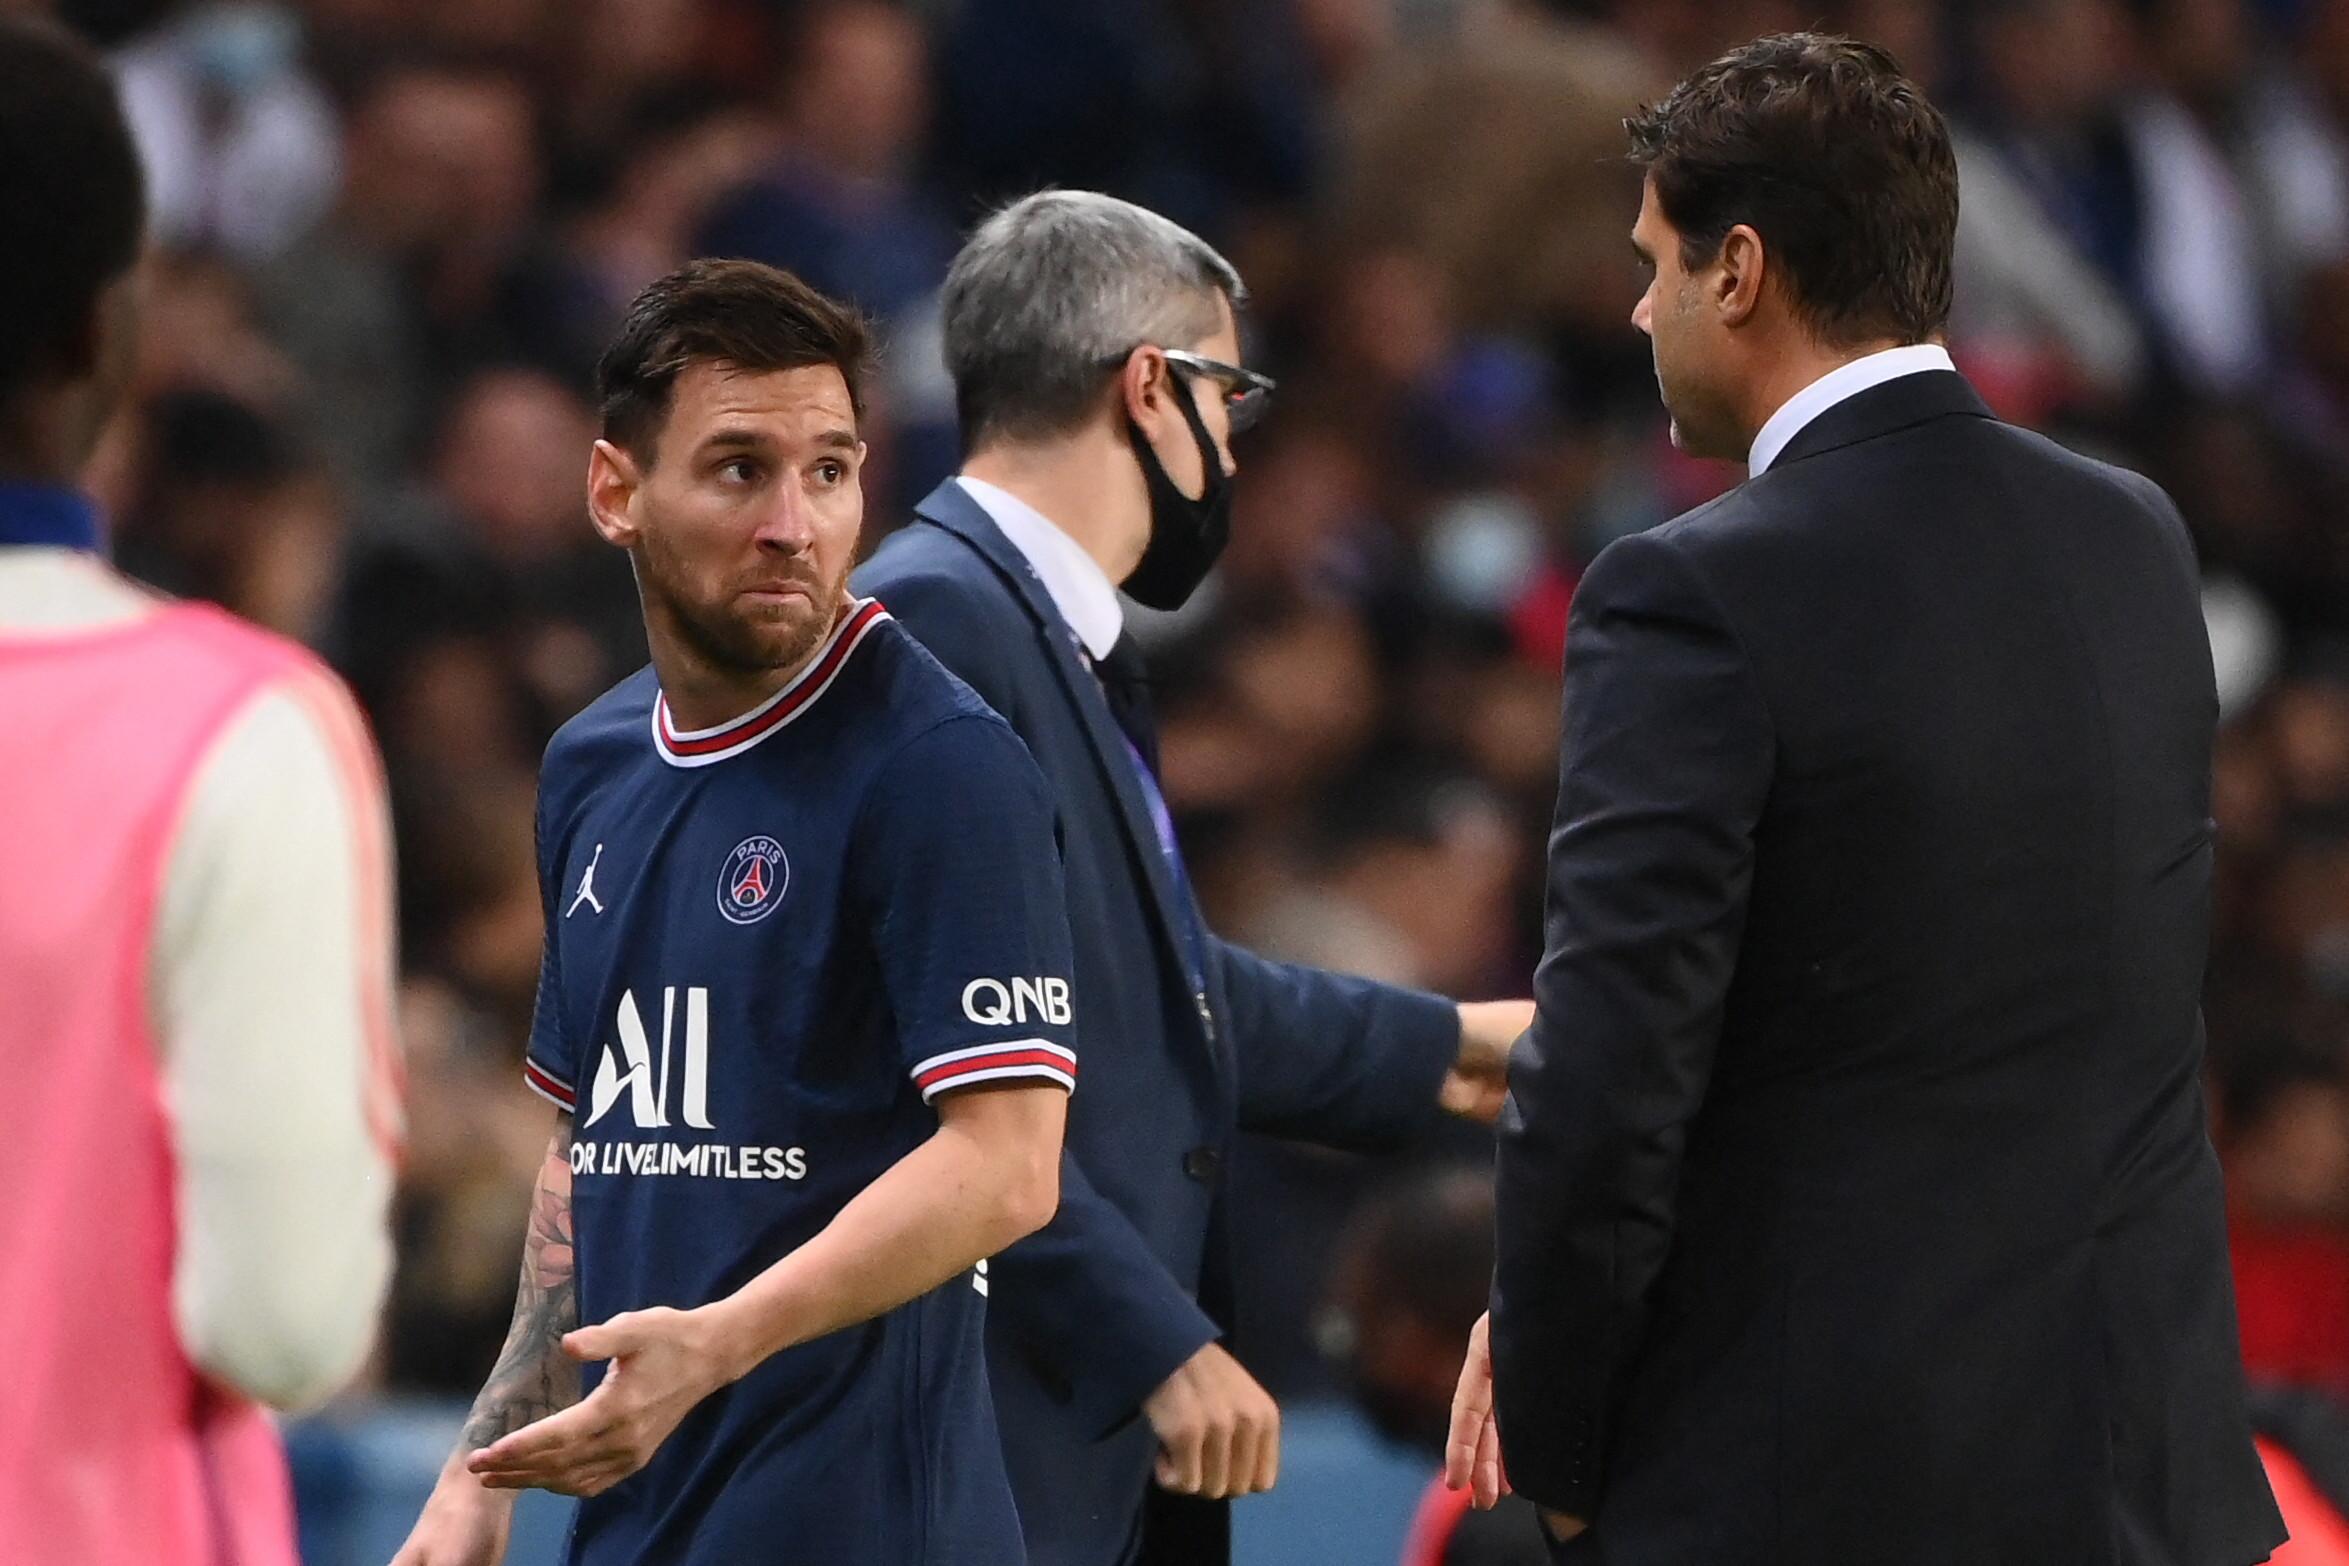 Leo Messi contrariato a momento della sostituzione (PSG-Lione 19 Settembre 2021) - Photo by Sportmediaset